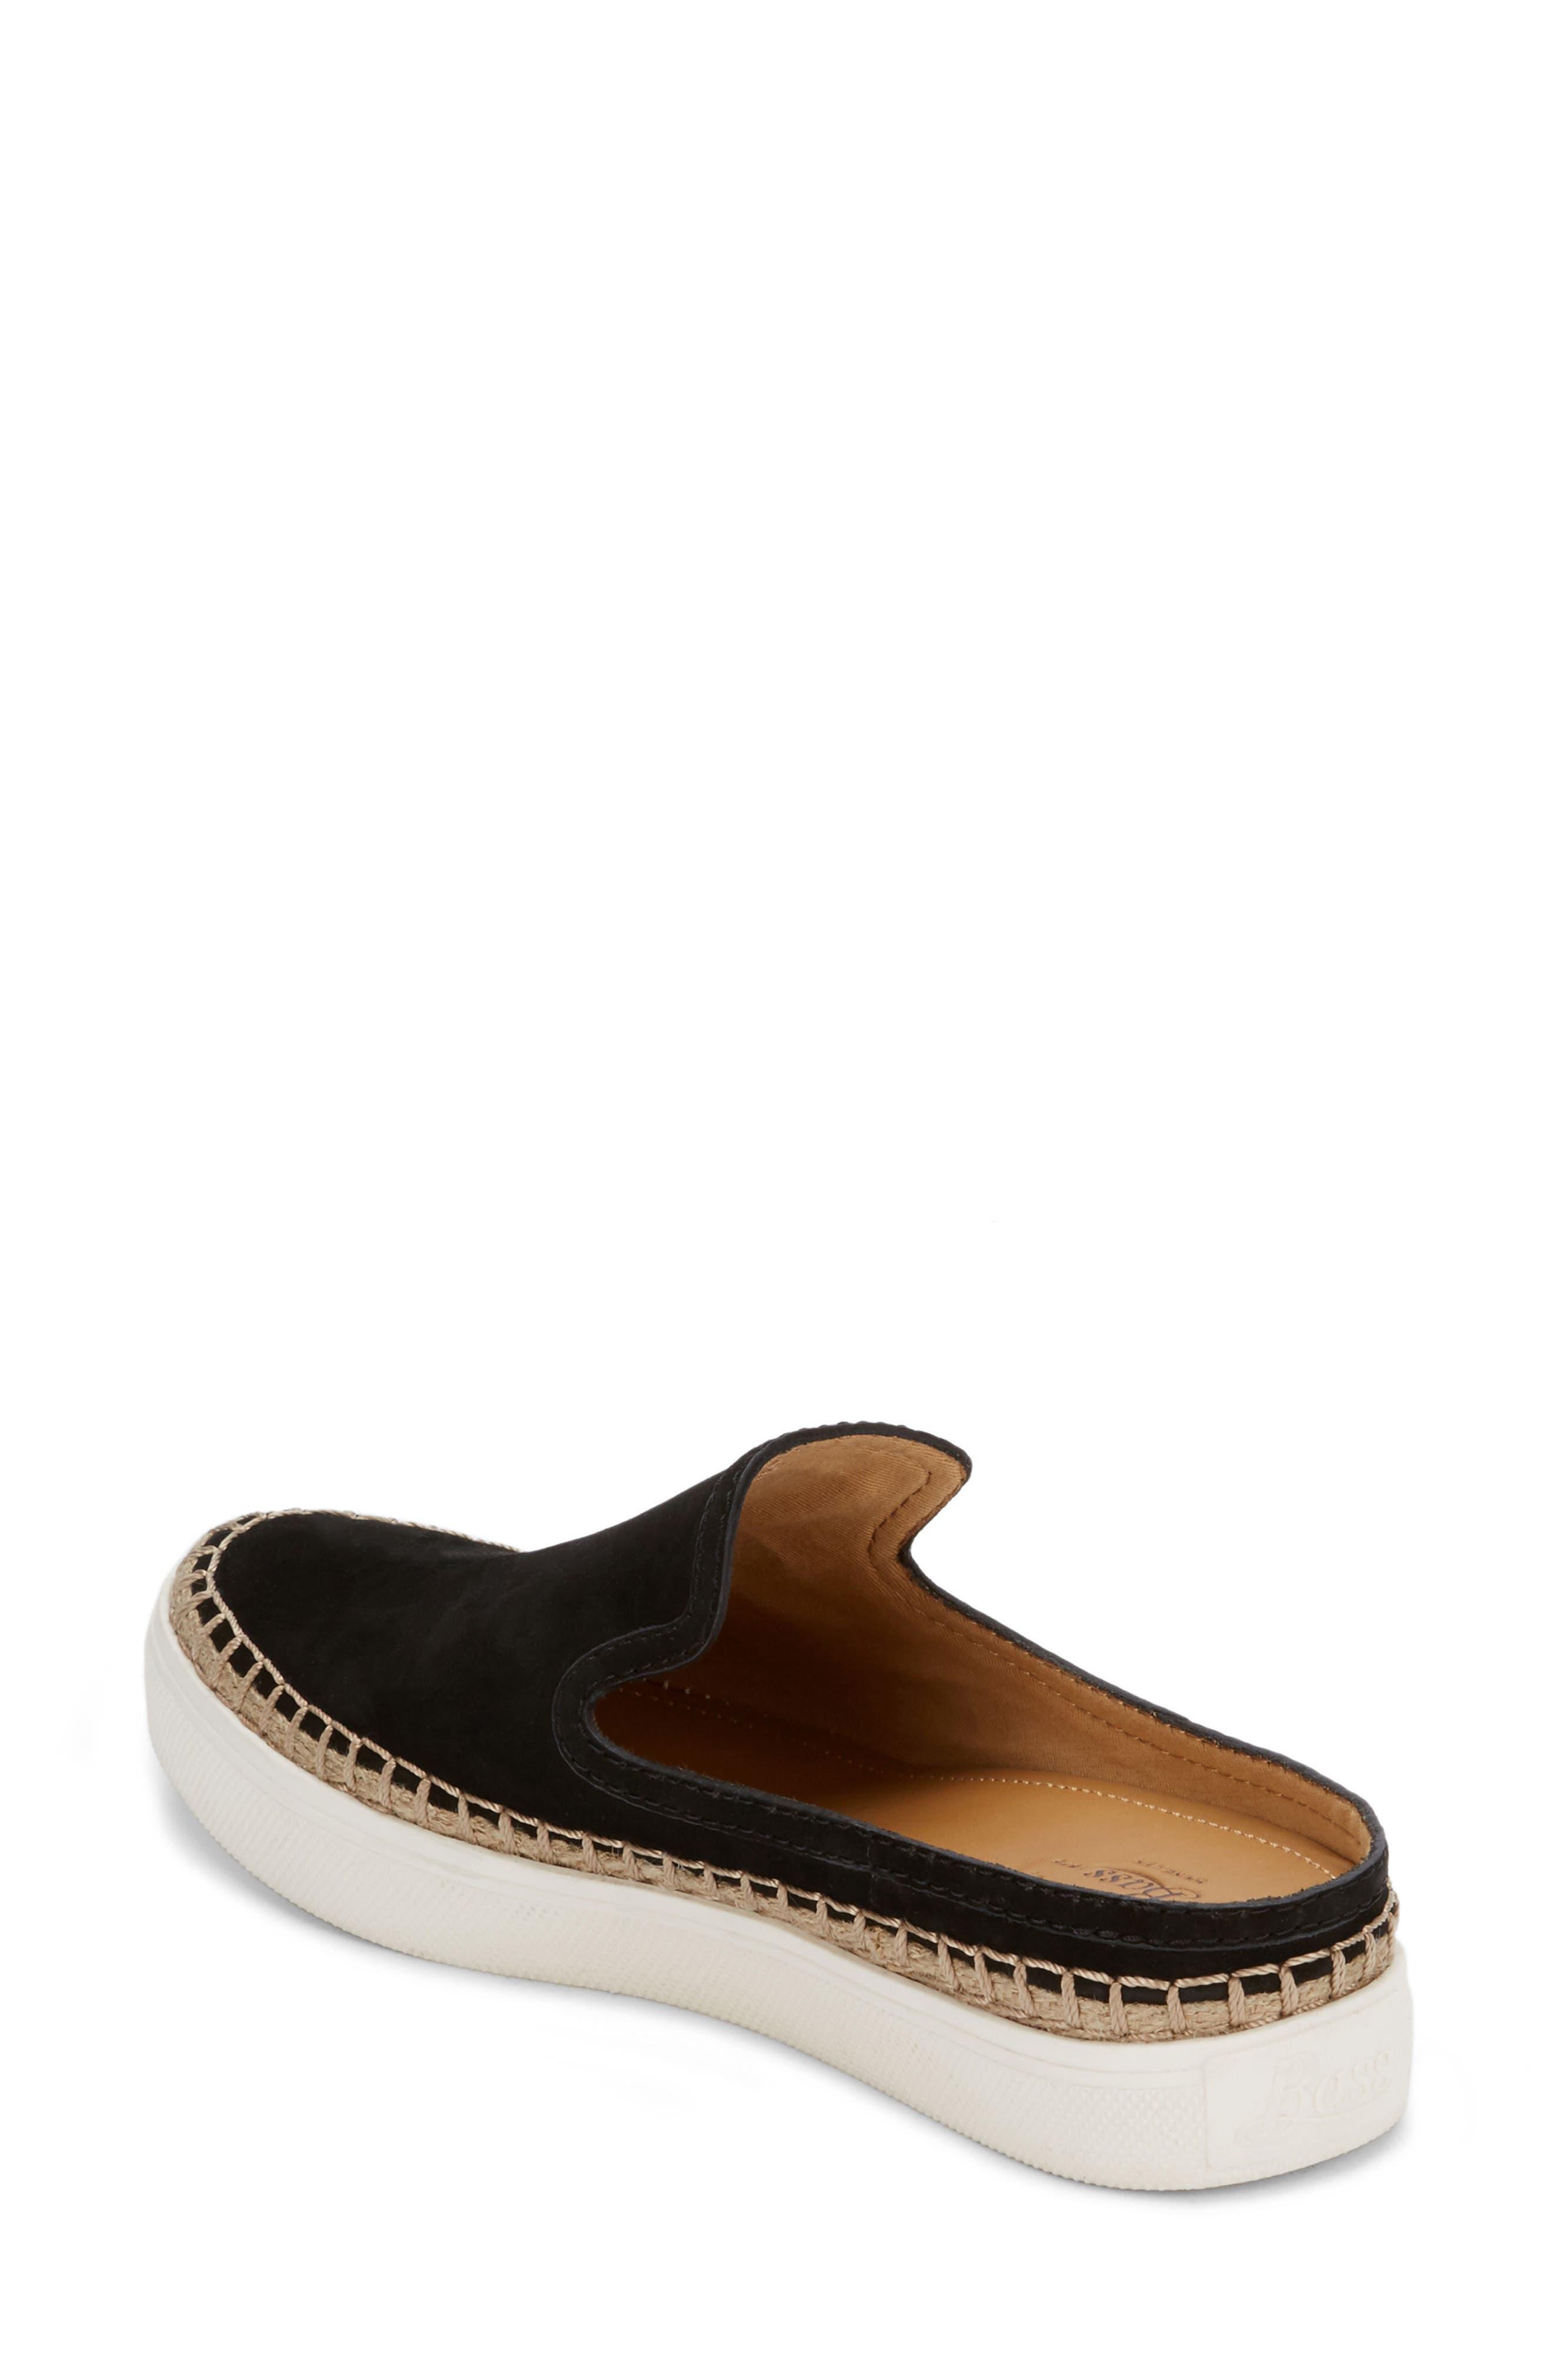 Lola Slip-On Sneaker,                             Alternate thumbnail 2, color,                             001